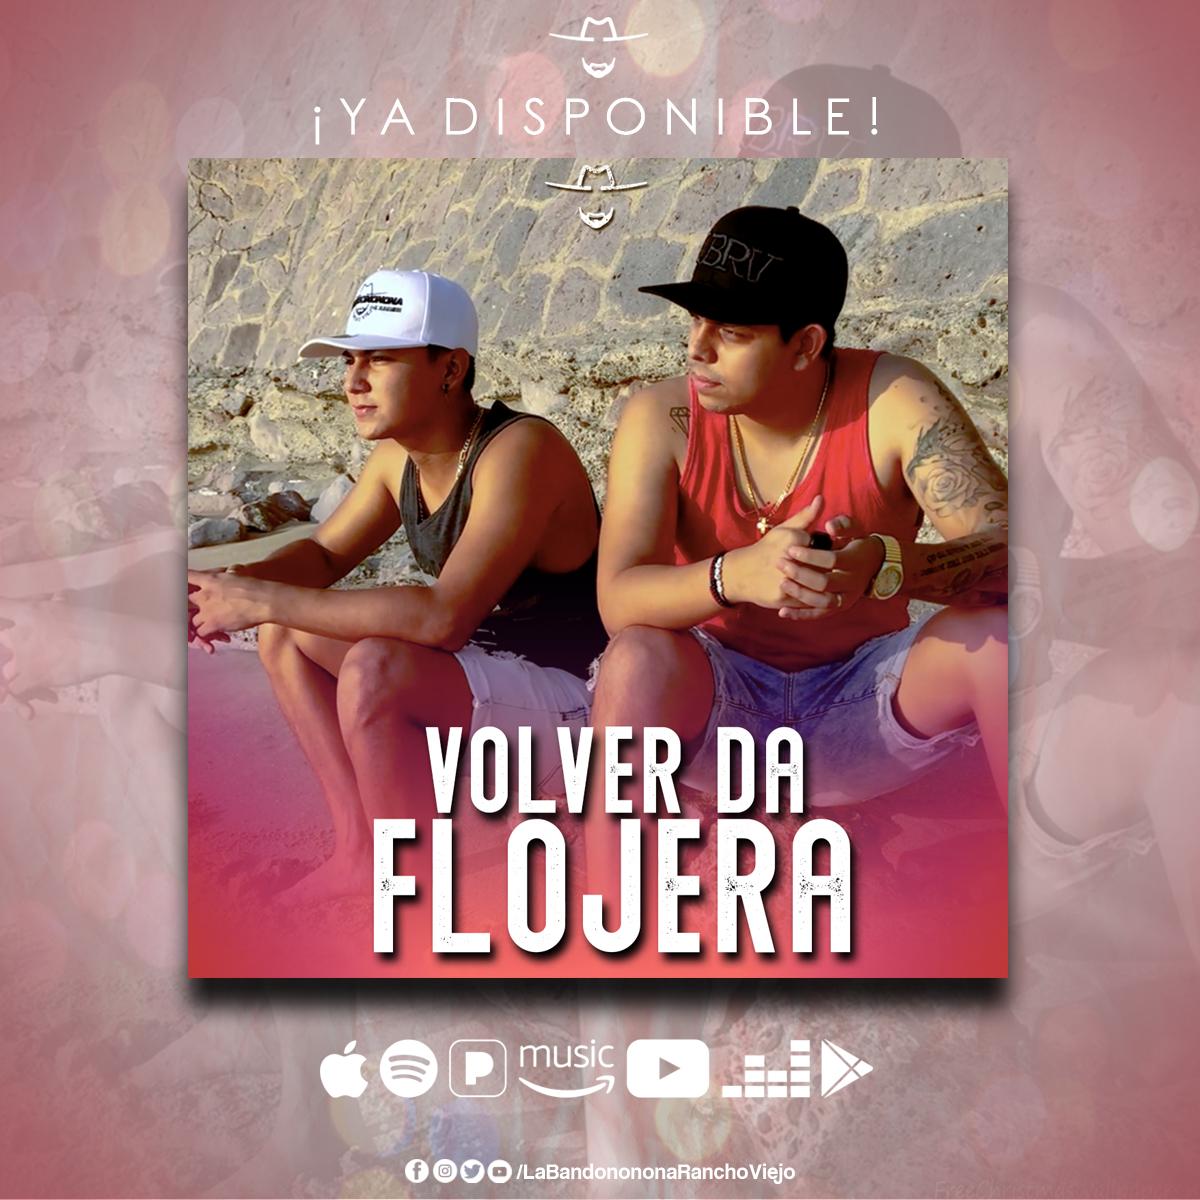 Ya puedes escuchar 'Volver Da Flojera' en #VersiónAcústica 🤠🎹 en todas las #PlataformasDigitales 📱 Escúchala aquí👉 https://t.co/2RP2JdxflH #QueLeHace #LaBandononona https://t.co/ElAji1nzSO